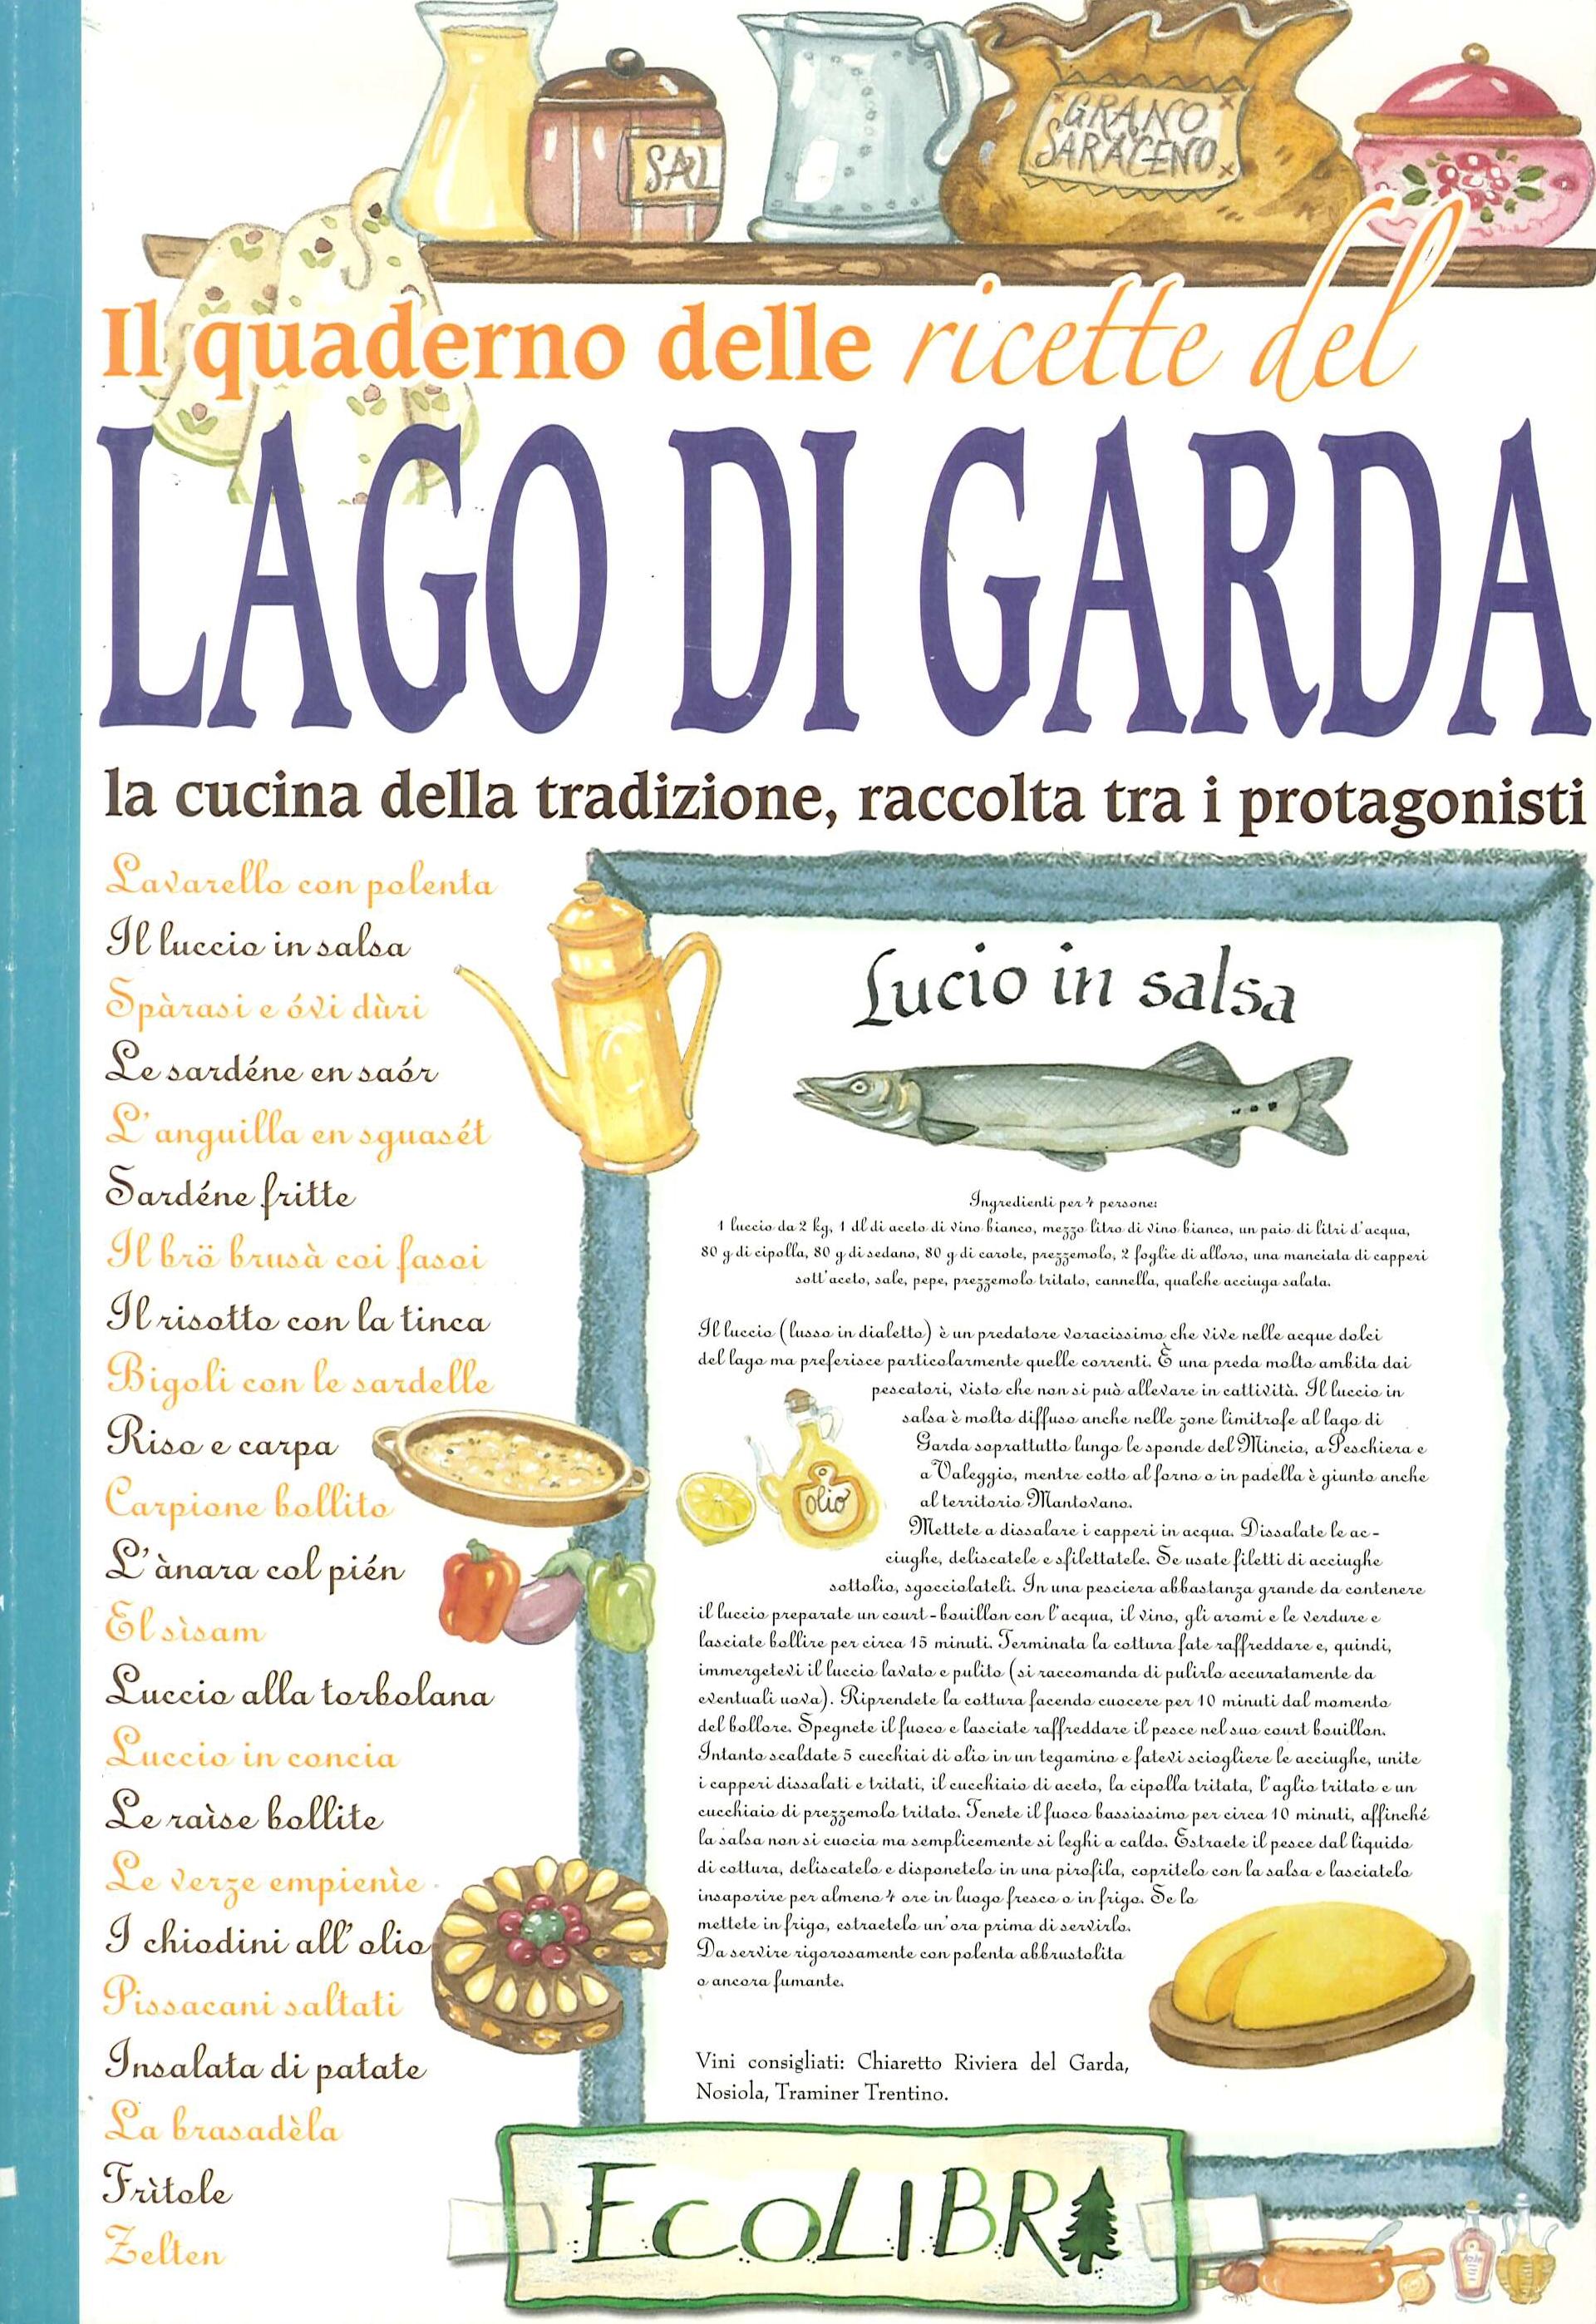 Il Quaderno Ricette del Lago di Garda. La cucina della tradizione, raccolta tra i protagonisti